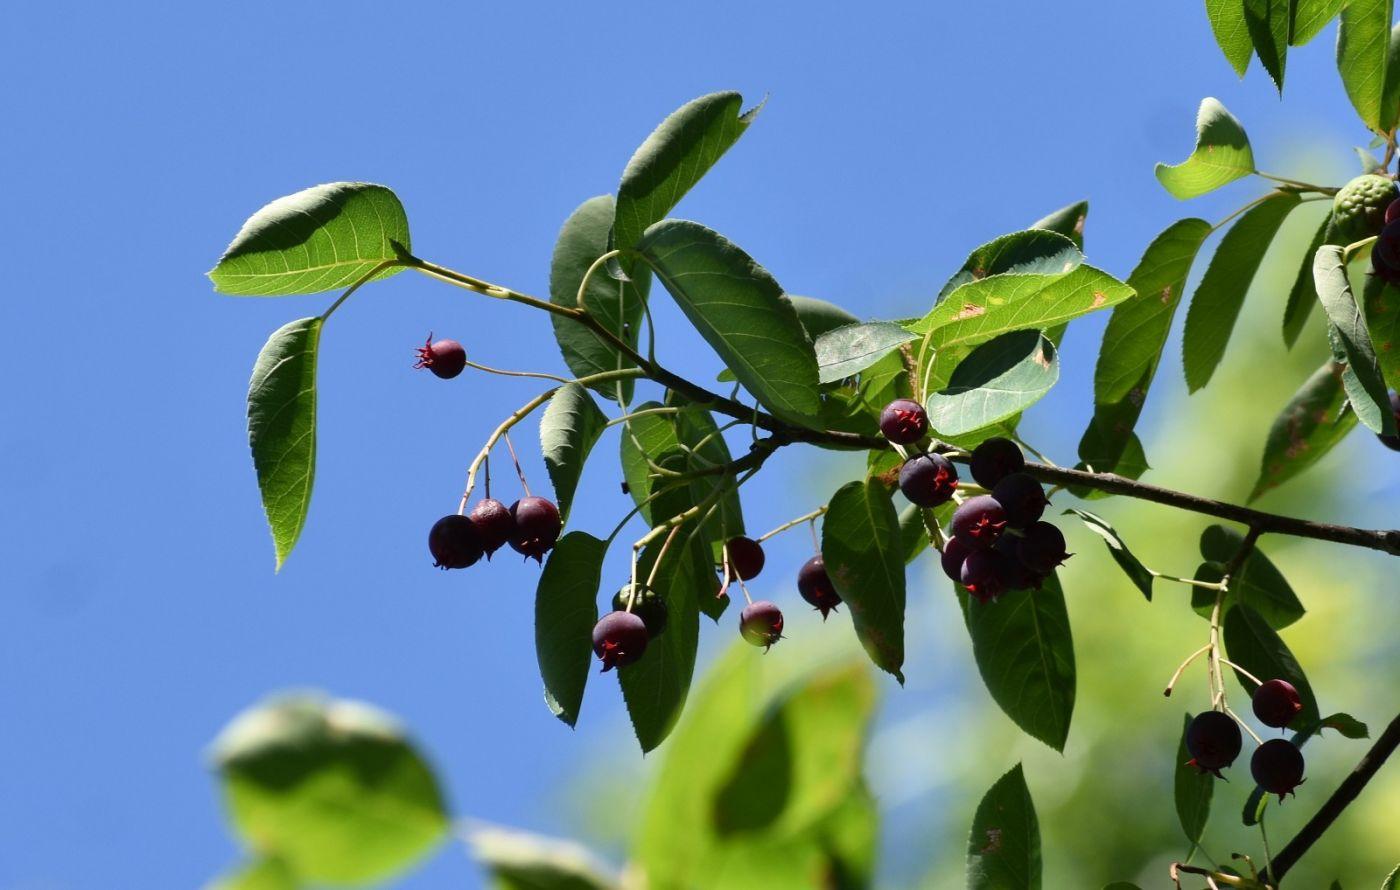 花楸树的果实_图1-12